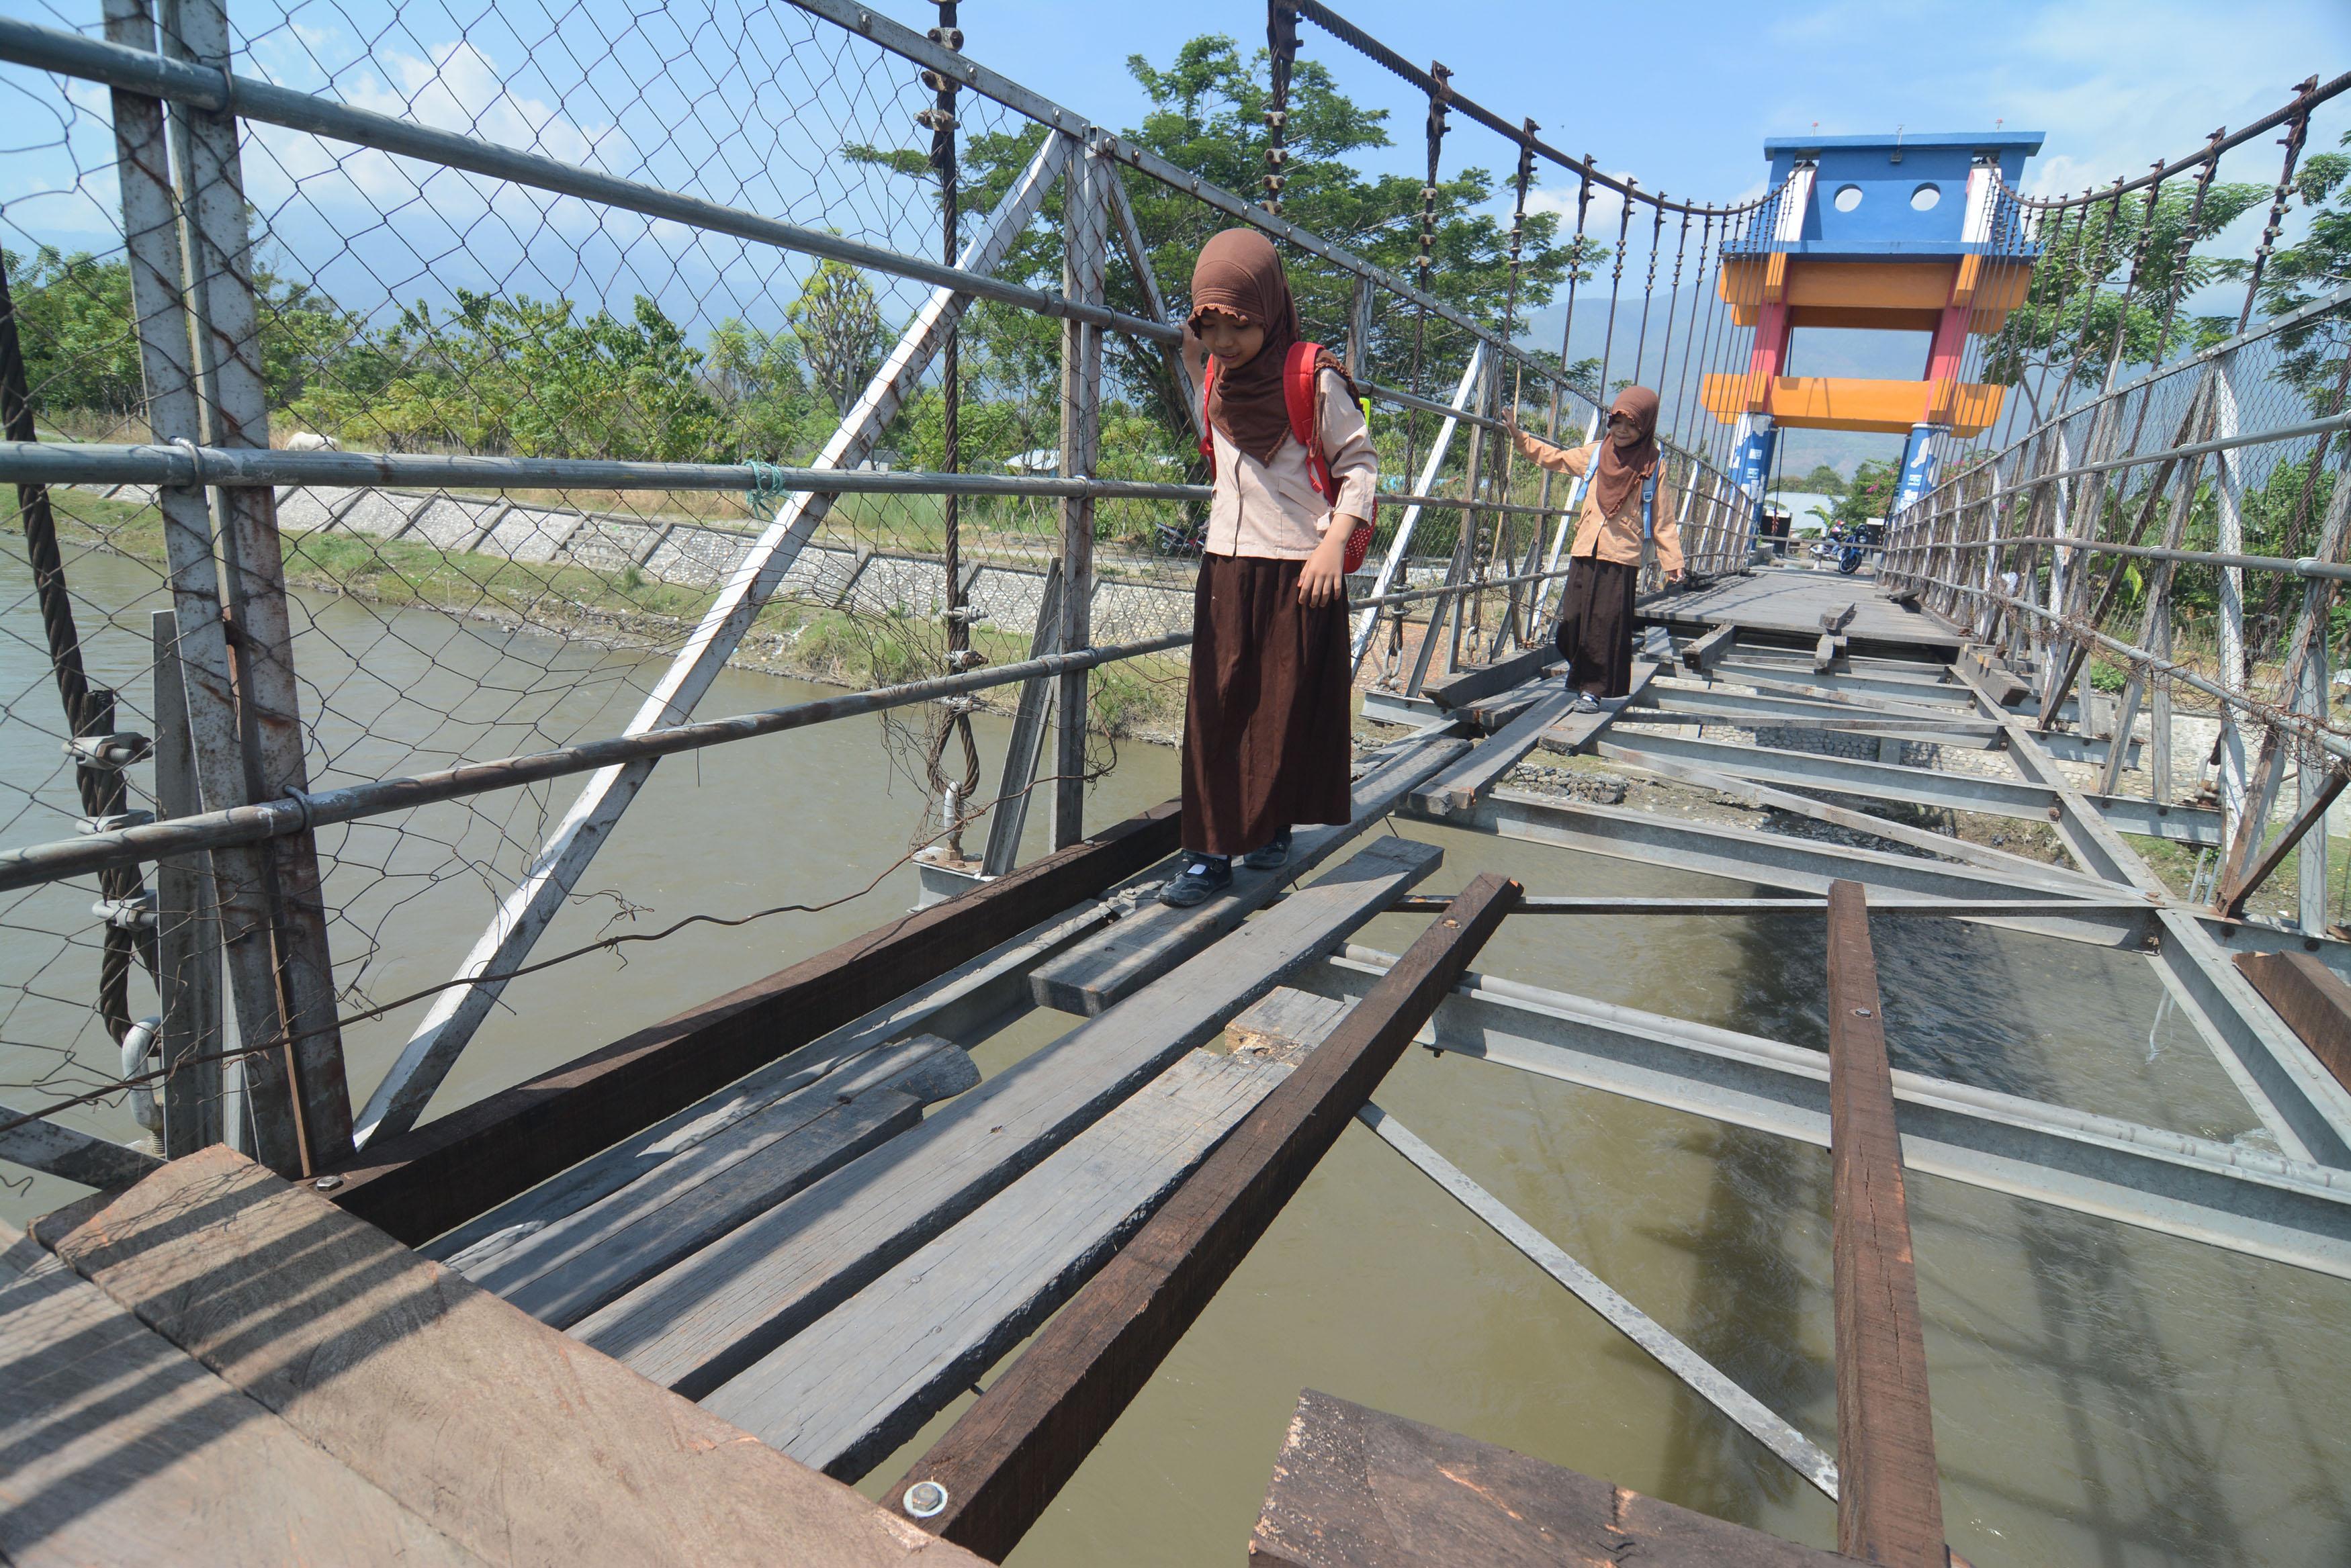 Jembatan Gantung Rusak Palu Berita Daerah Iv Kota